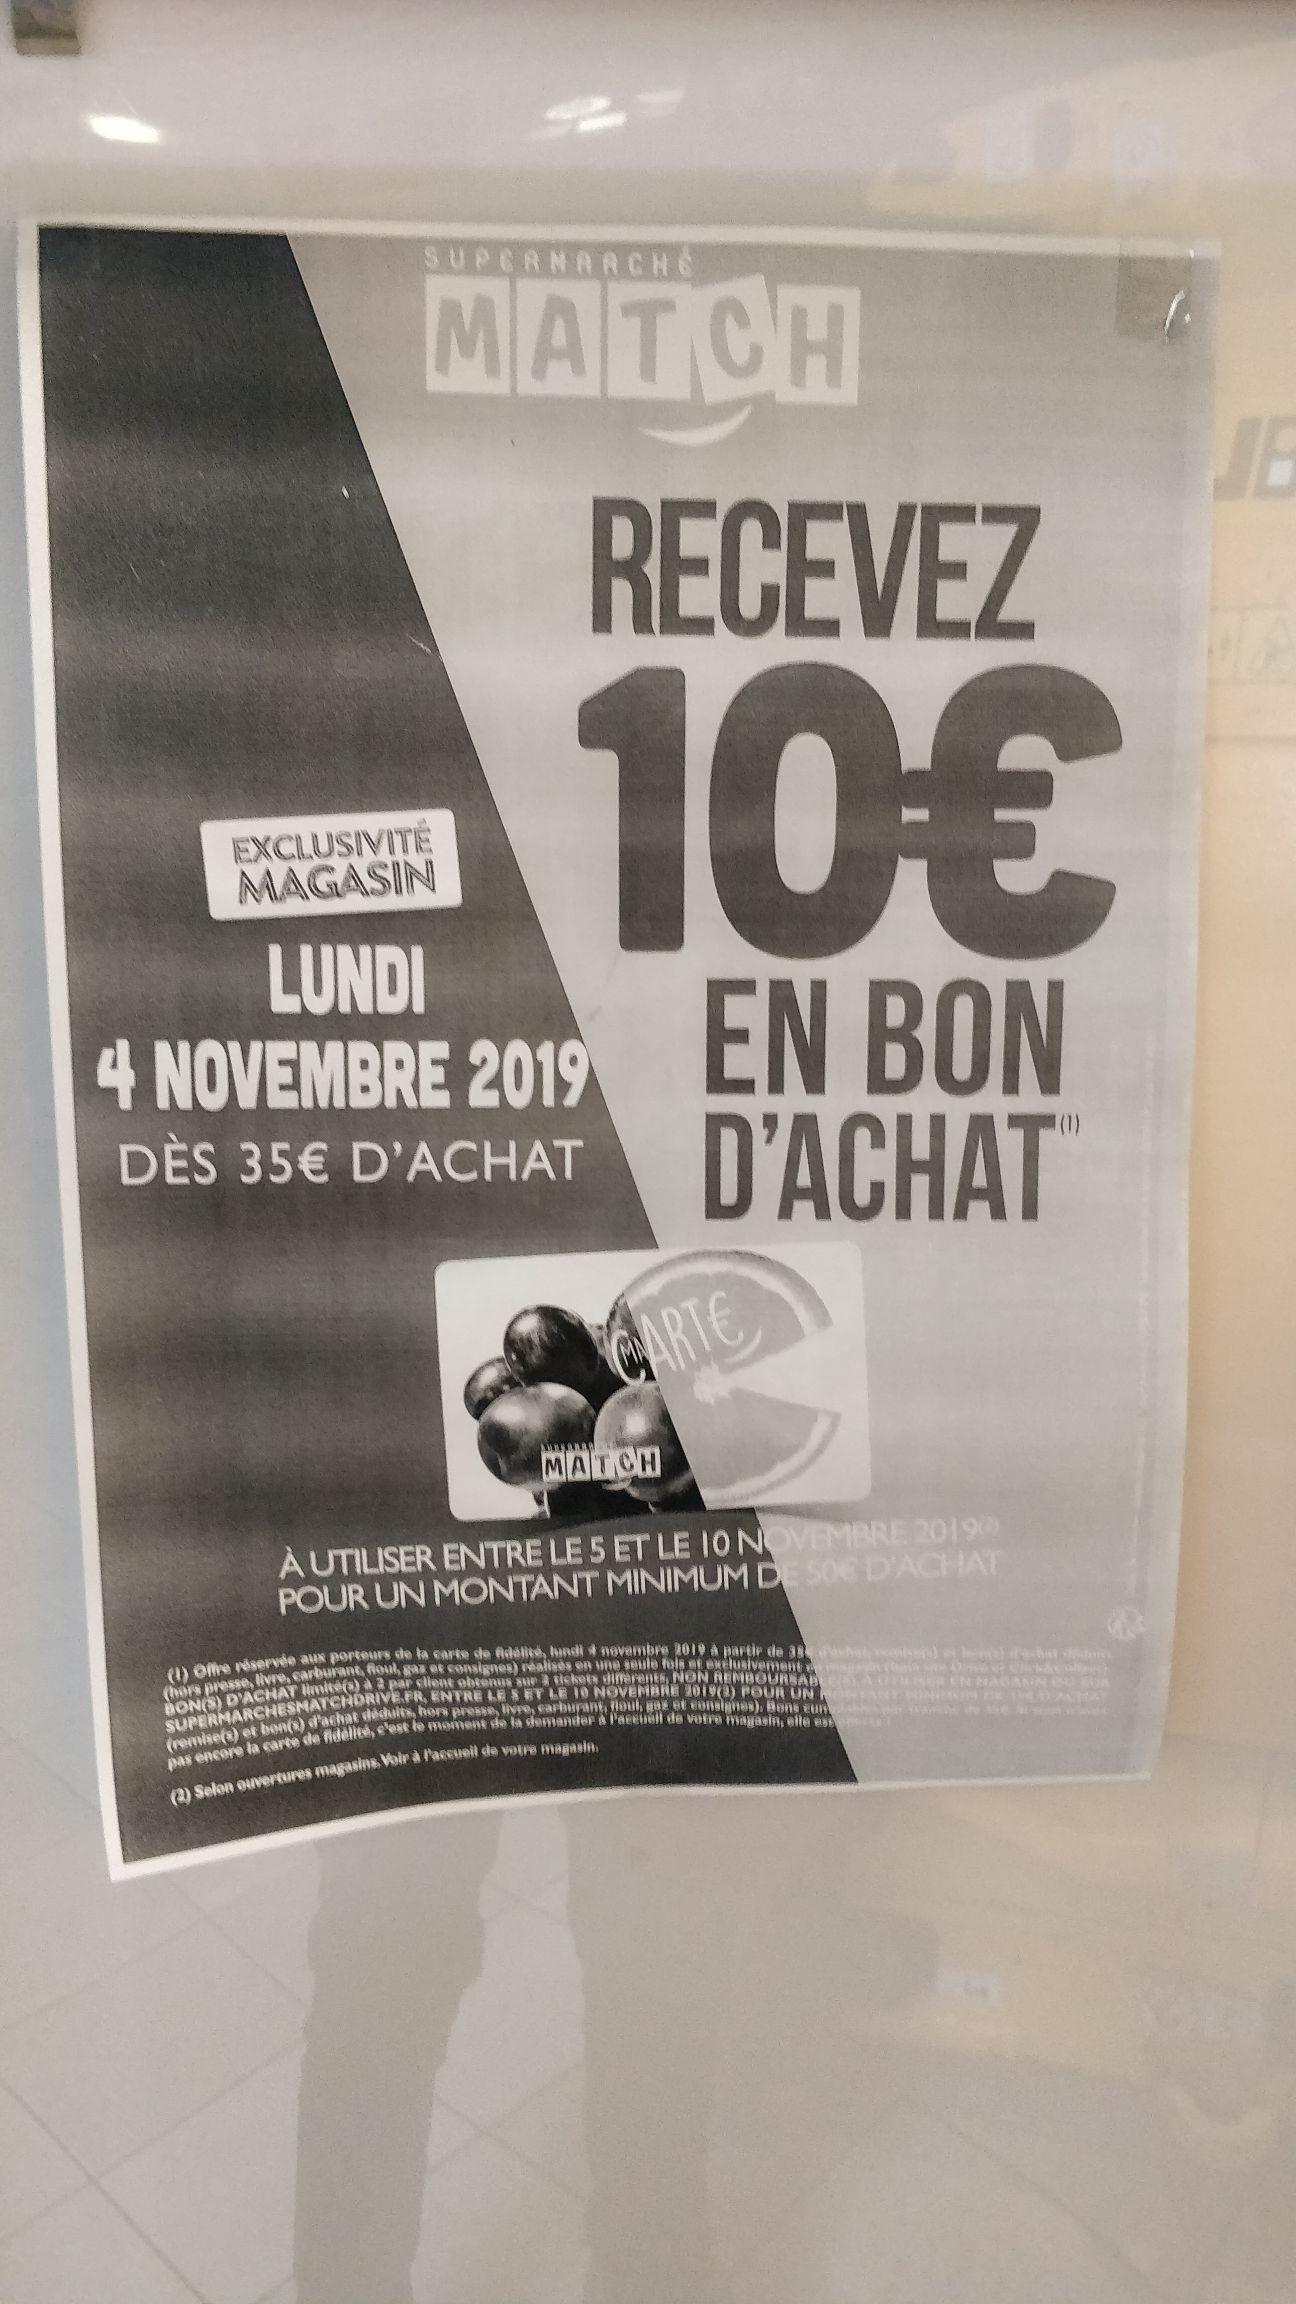 10€ offerts en bon d'achat dès 35€ d'achat - Magasin Match Amiens Gare (80)